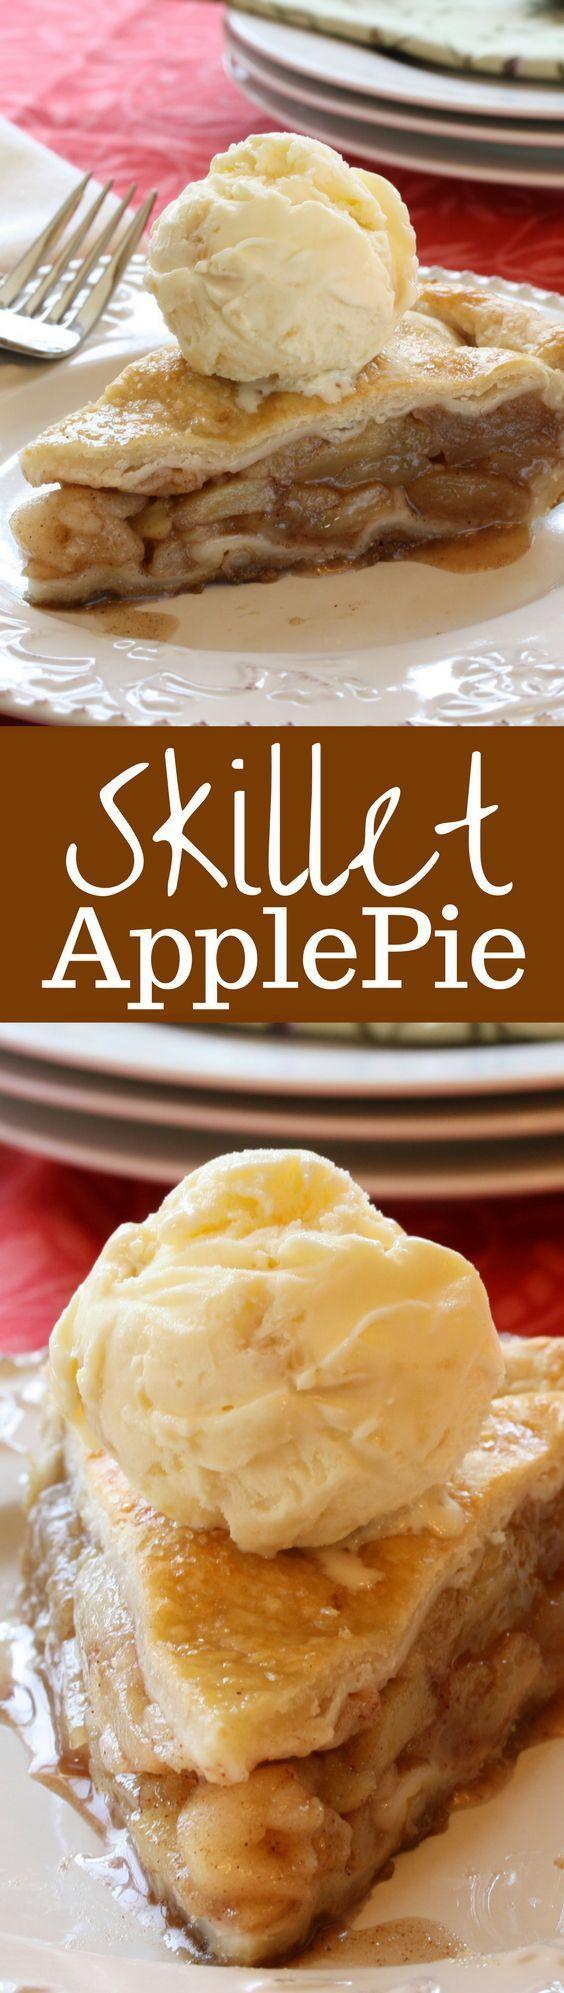 skillet-apple-pie @michaelsusanno @emmammerrick @emmasusanno  #SkilletApplePie #Pie